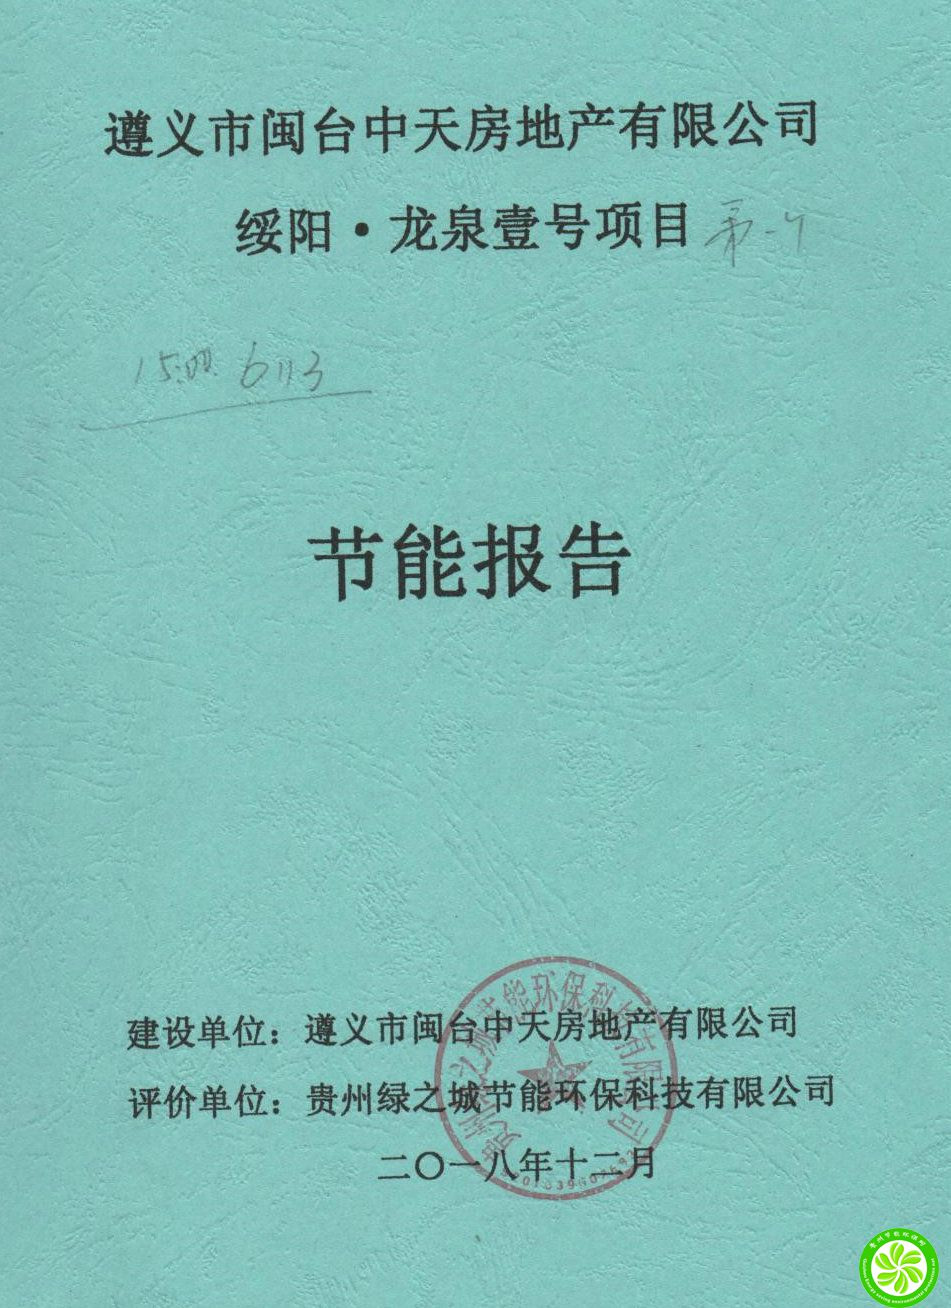 绥阳·龙泉壹号项目【遵义市闽台中天房地产有限公司】